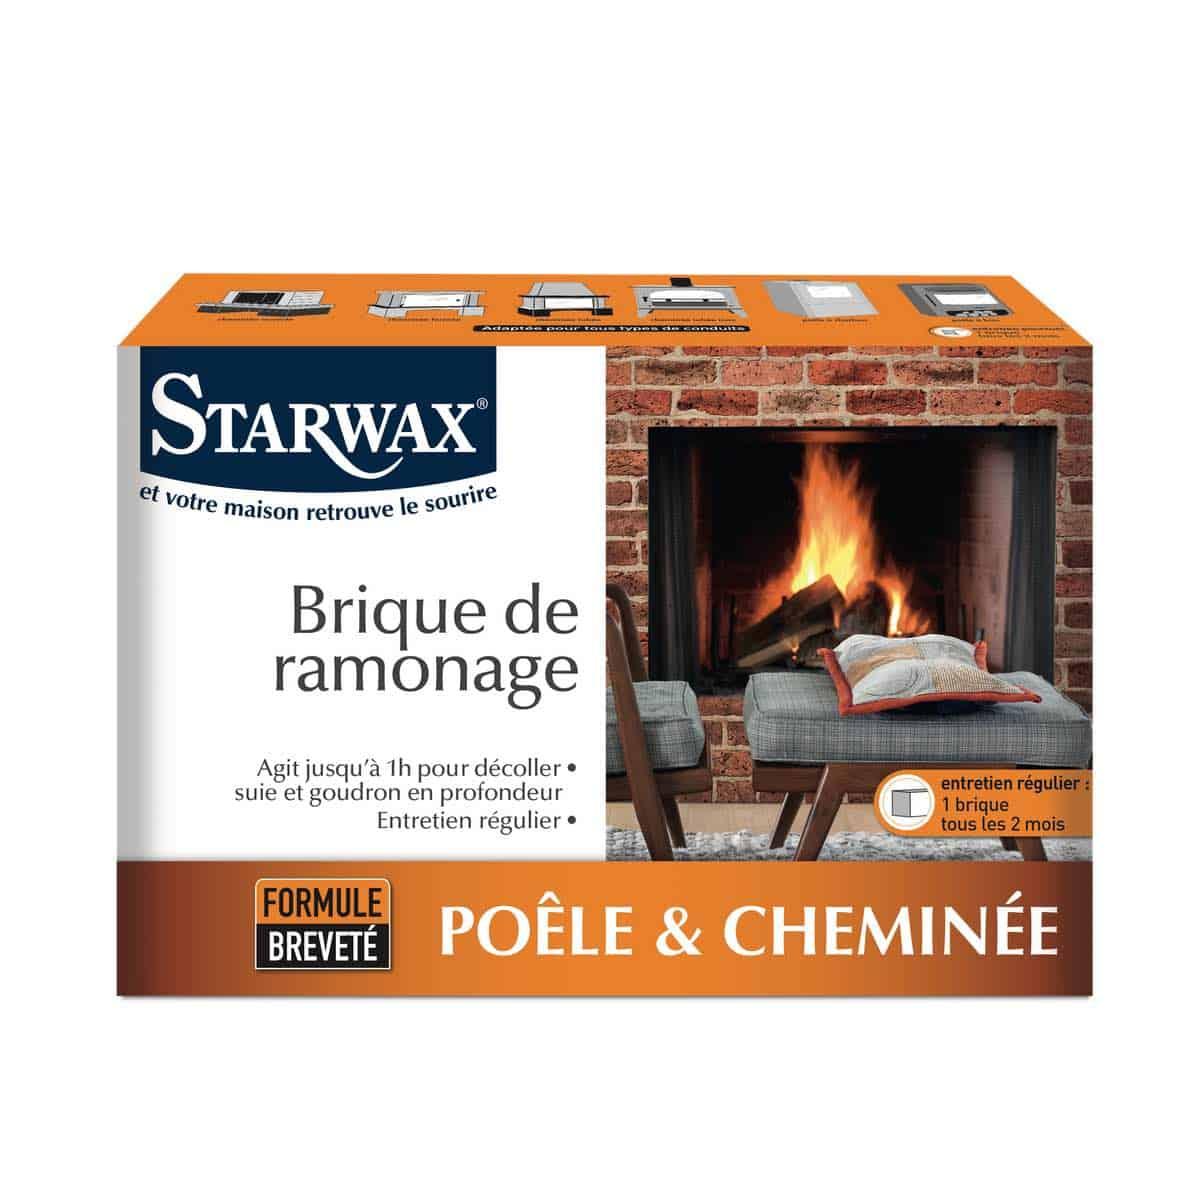 Brique de ramonage pour poêle & cheminée